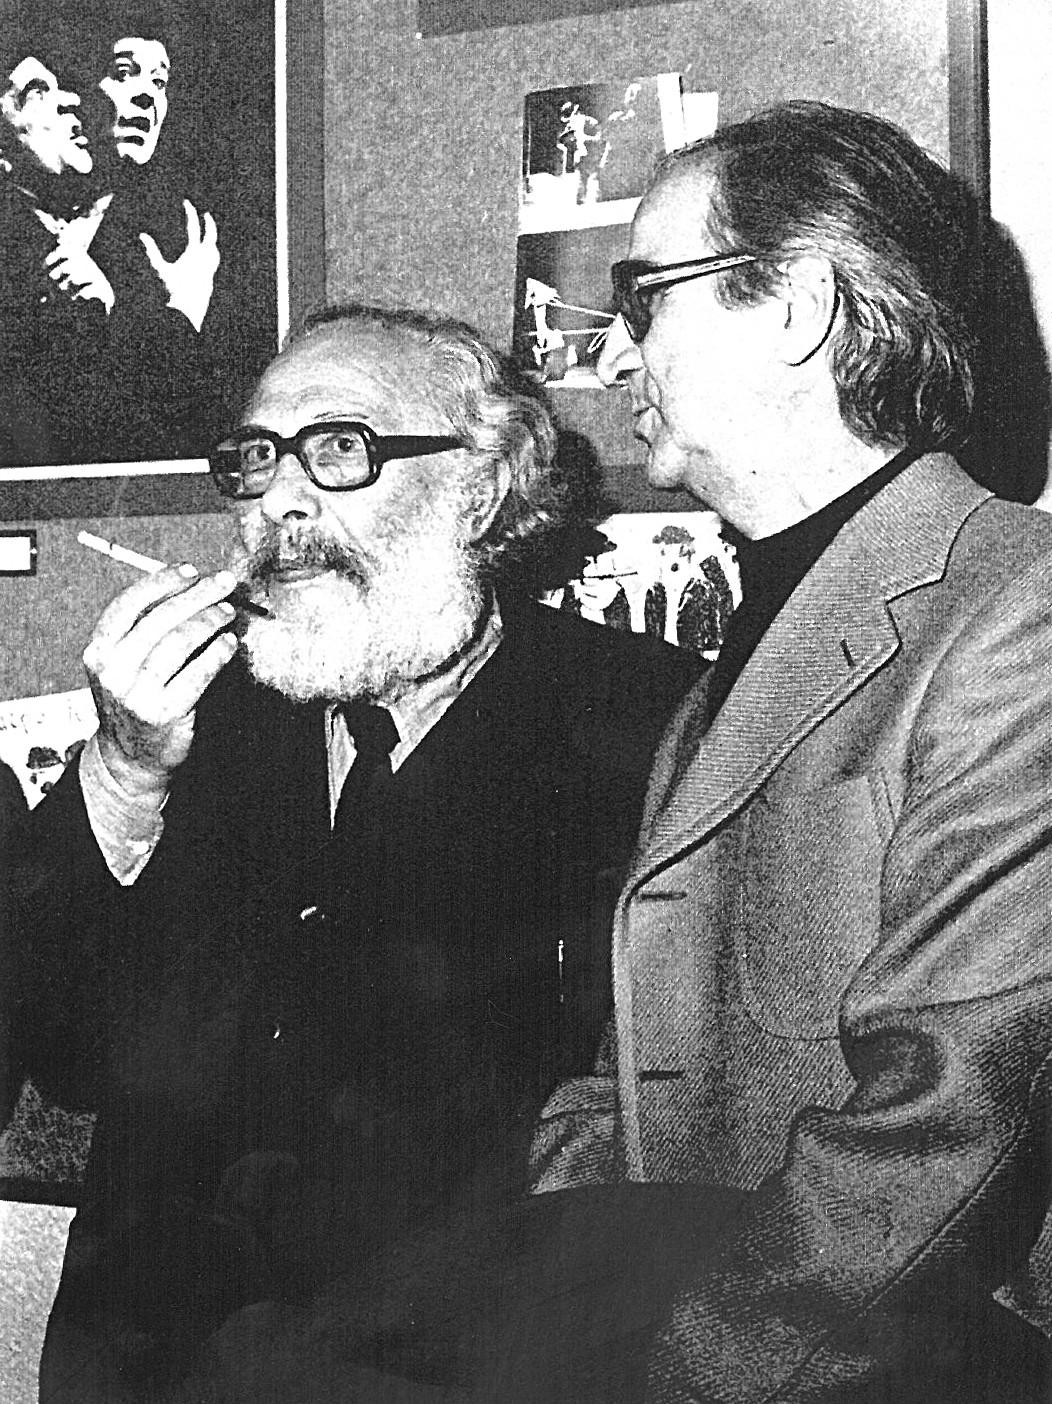 Ο Κάρολος Κουν με τον Γιώργο Σεβαστίκογλου